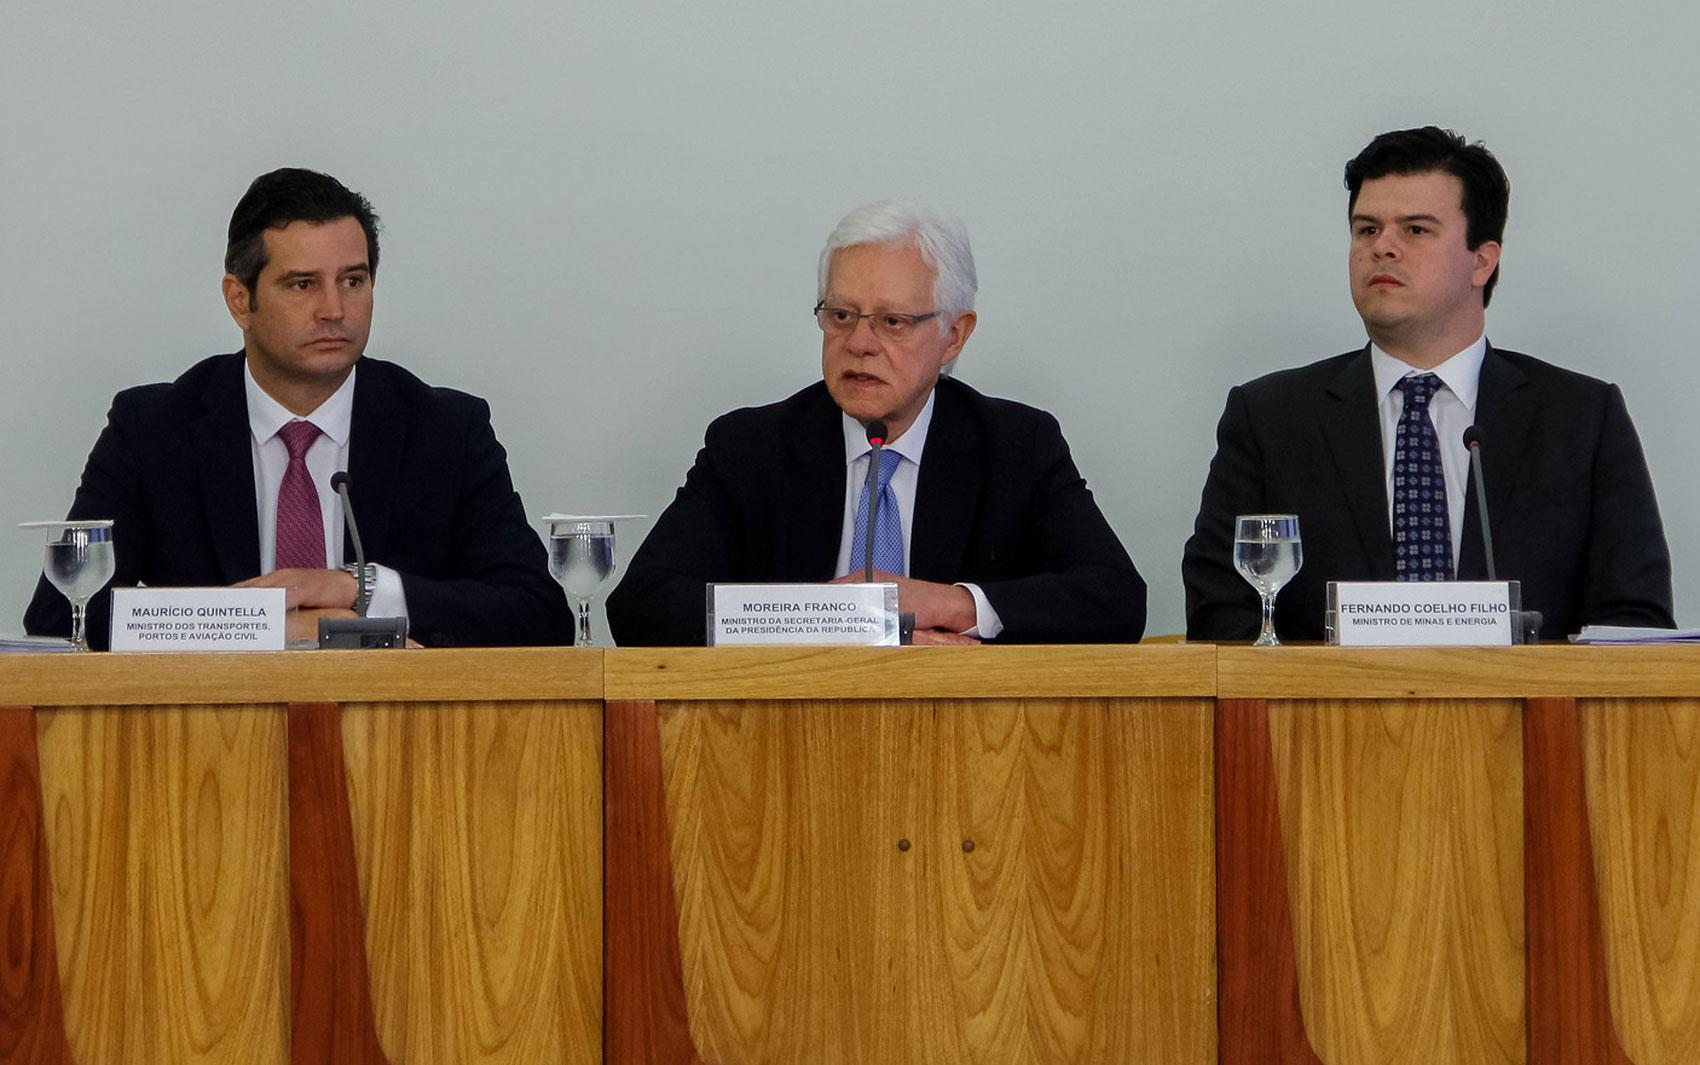 Ministros anunciam pacote de privatizações